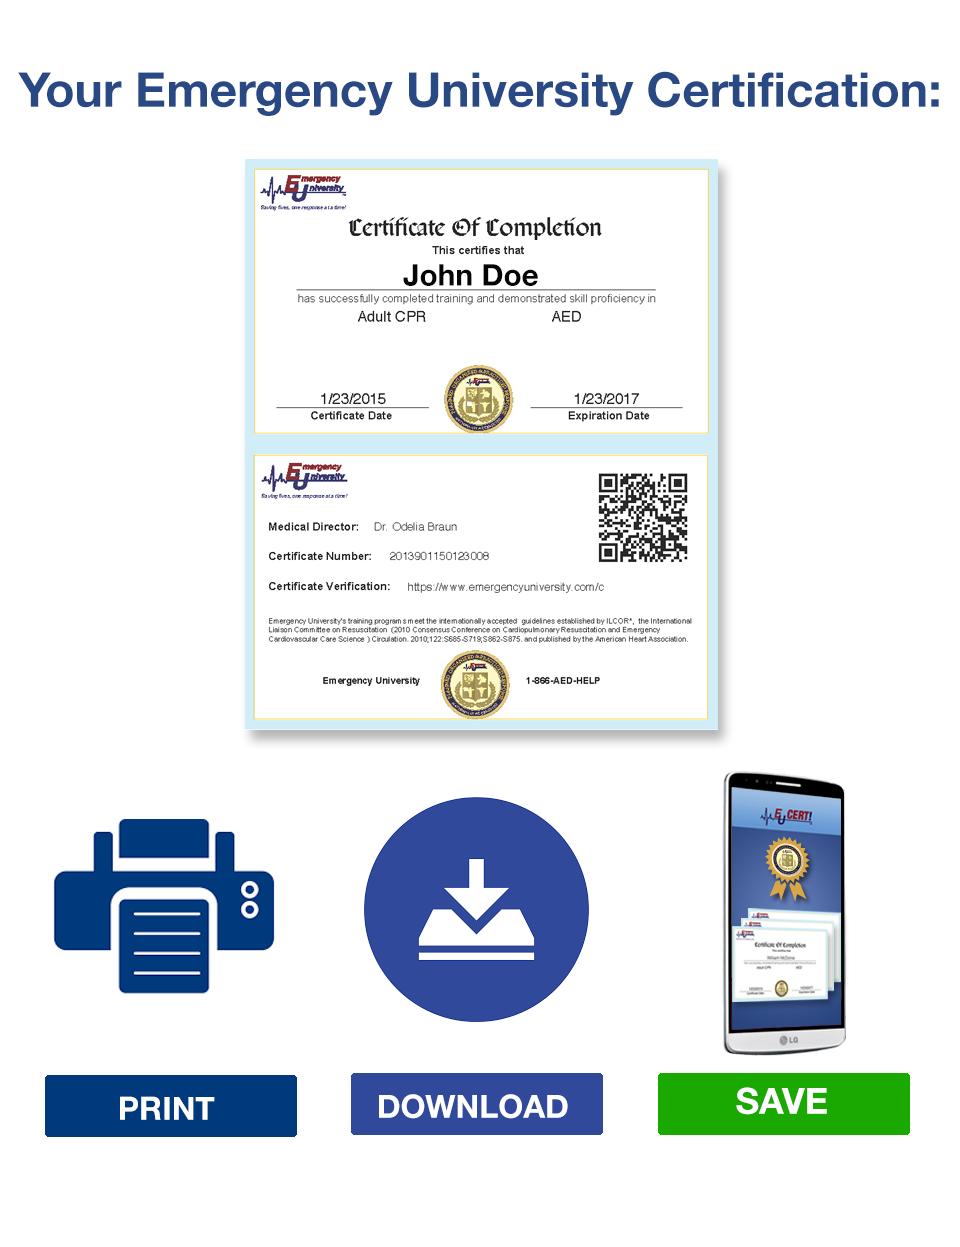 EU Certification Retrieval Options Page